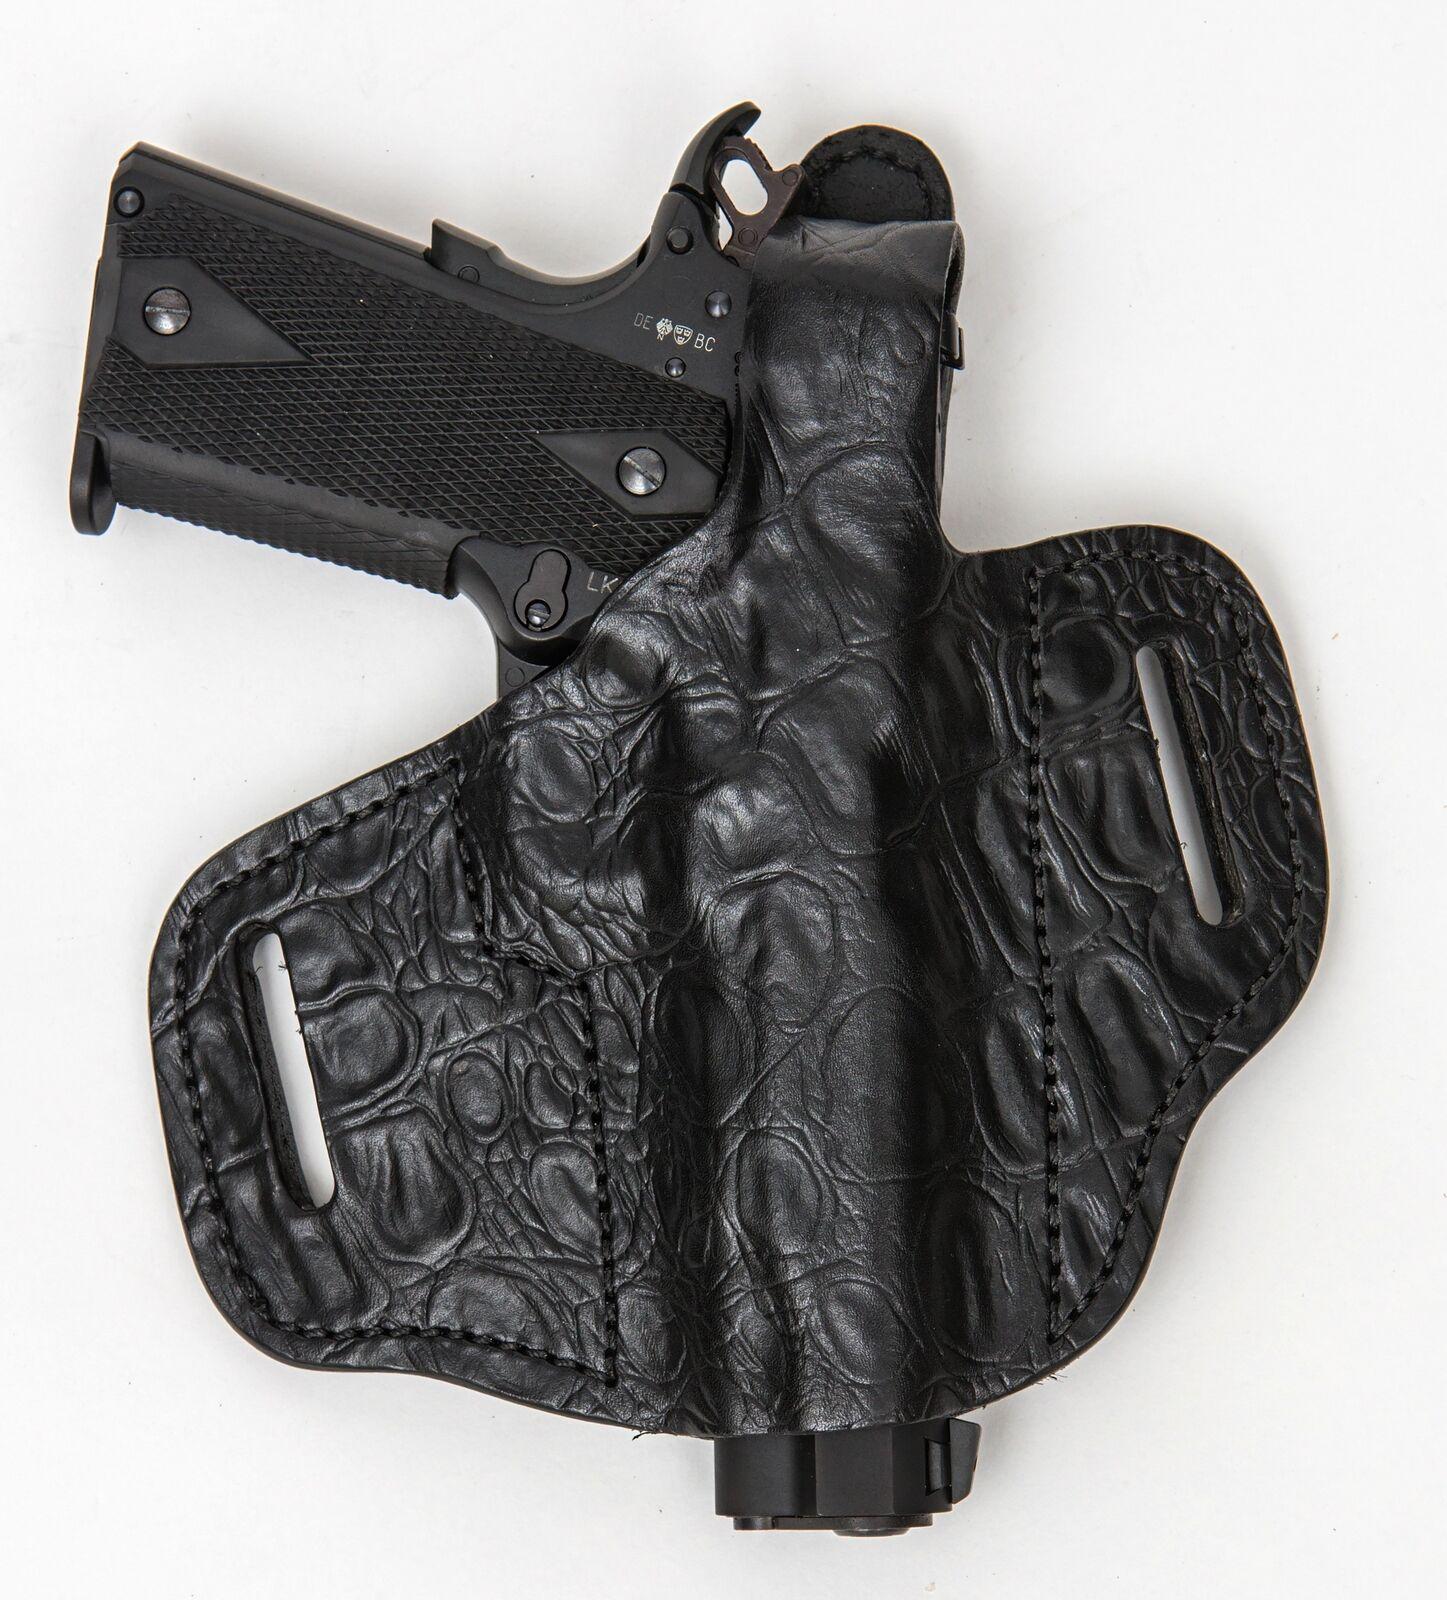 On Duty Conceal RH LH OWB Leder Gun Holster For Sig Sauer P320